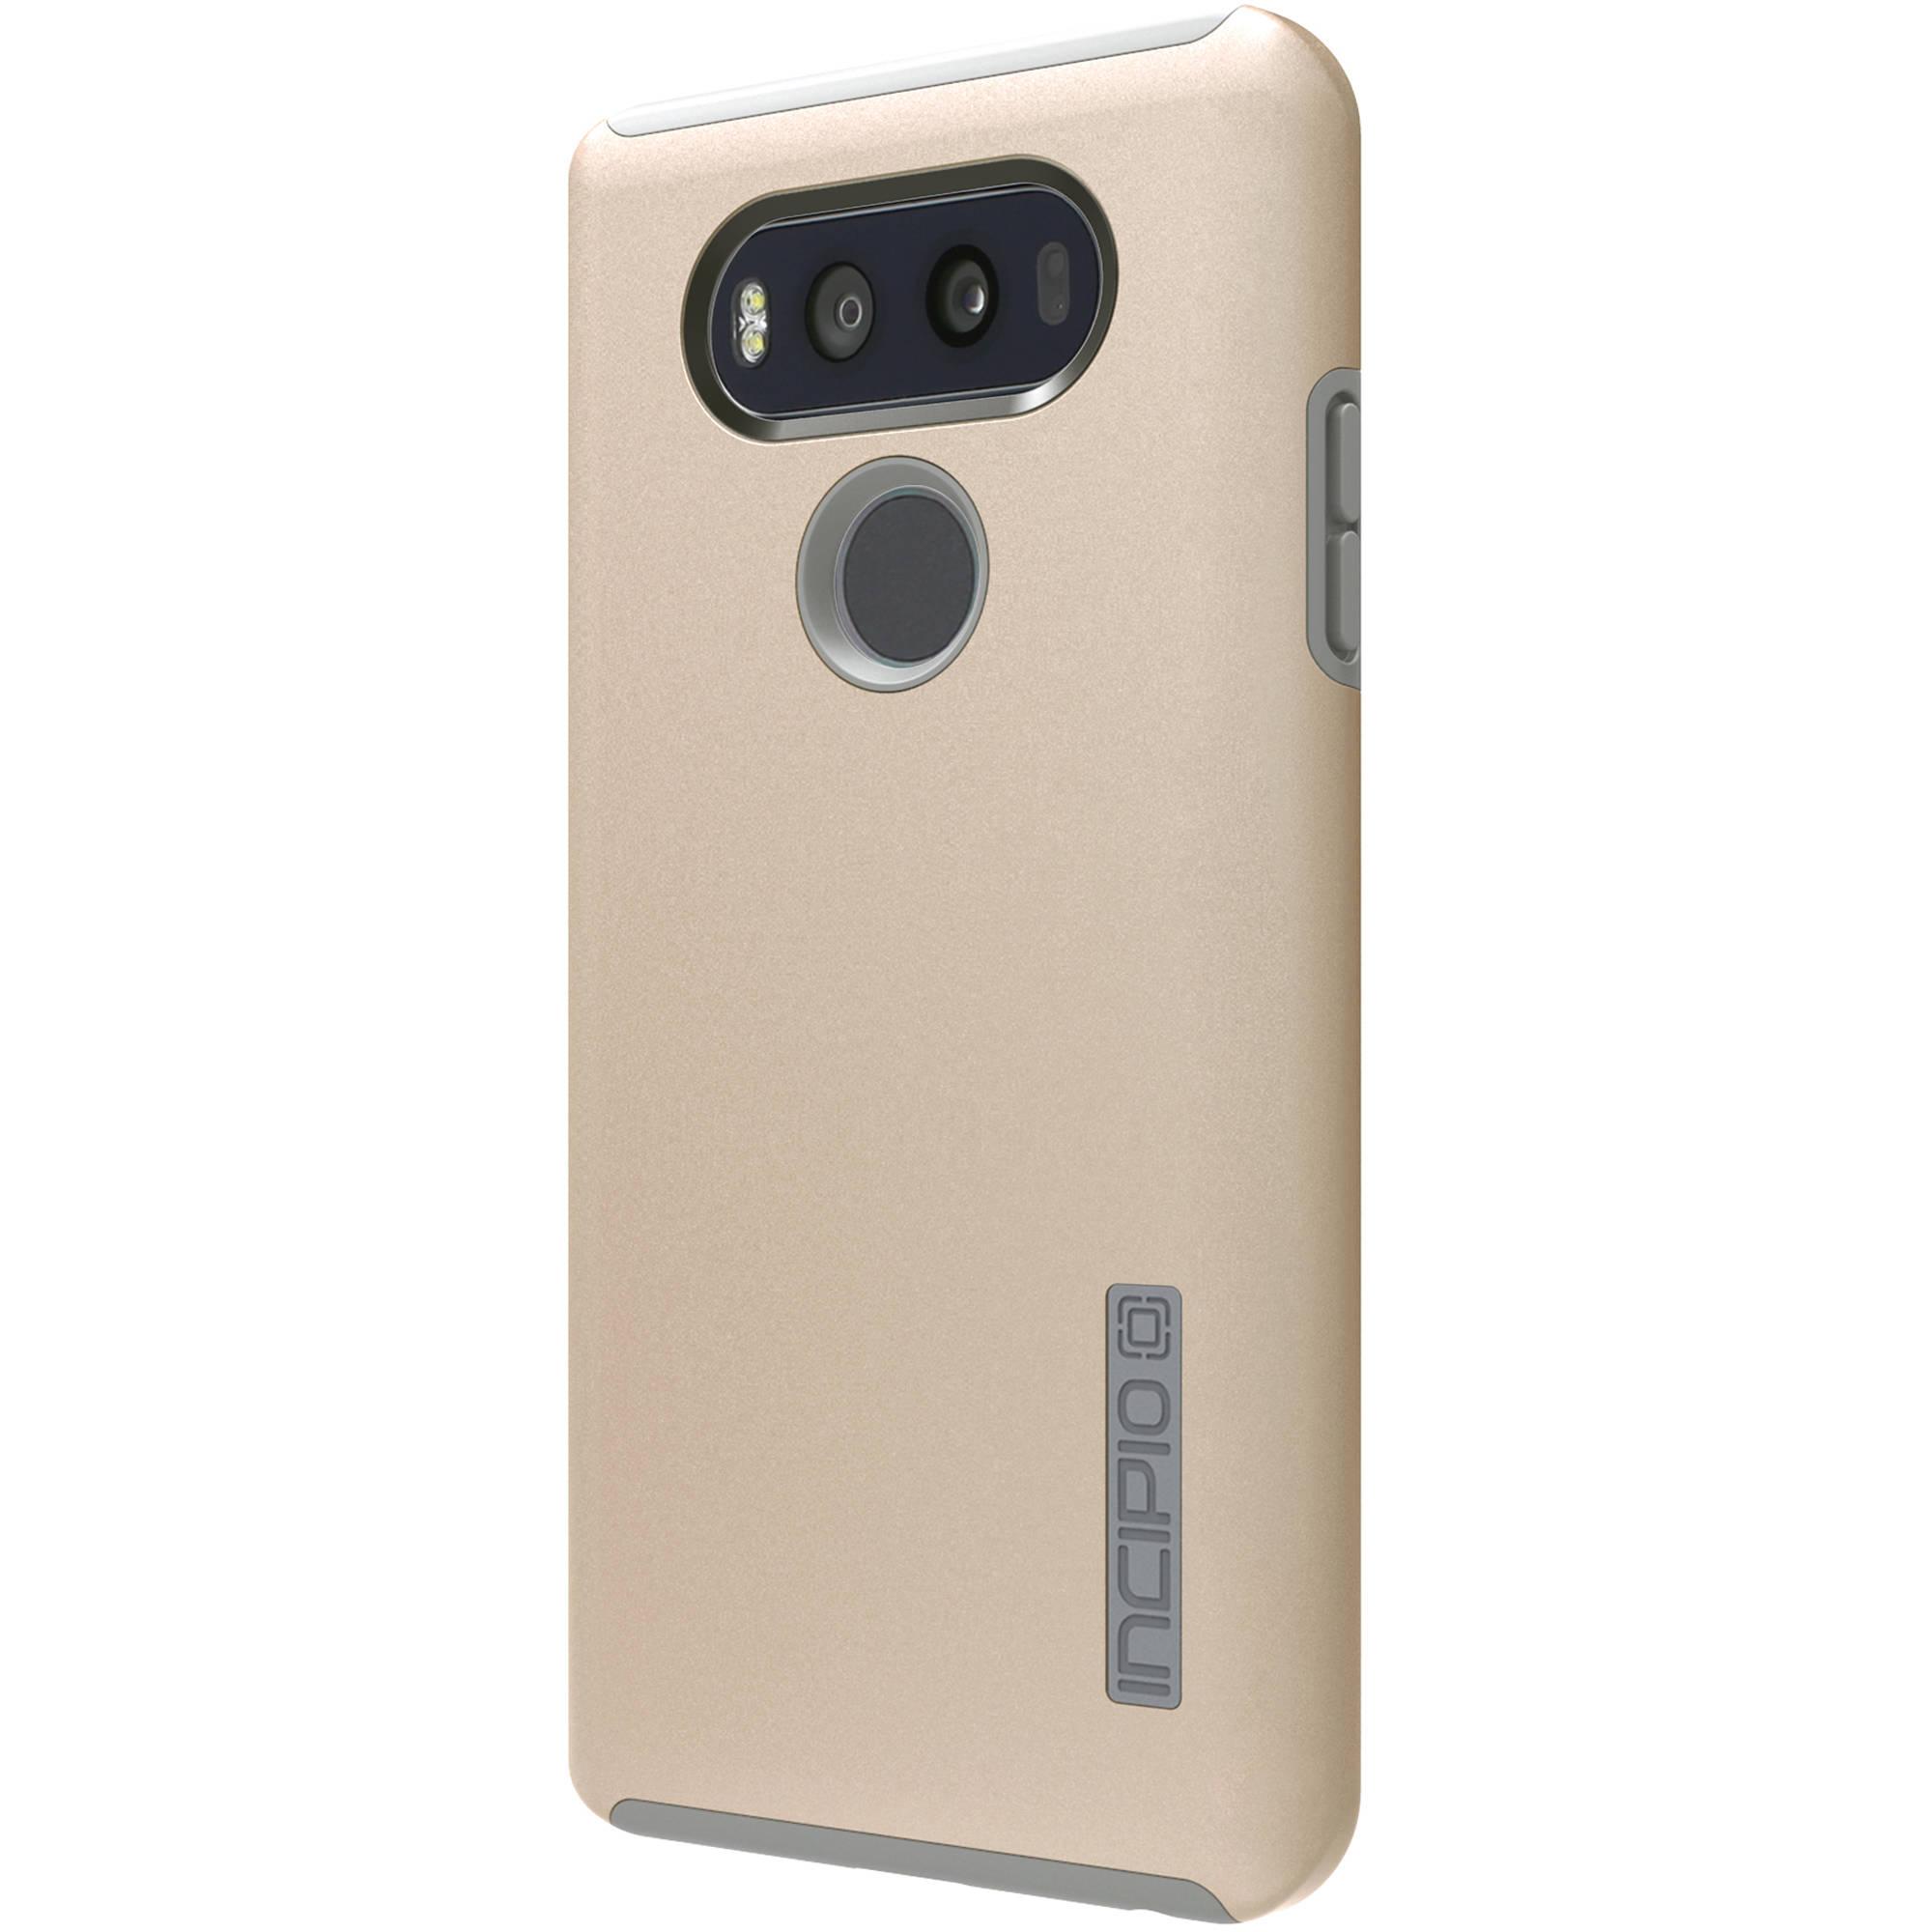 size 40 c5714 62417 Incipio DualPro Case for LG V20 (Iridescent Champagne/Gray)